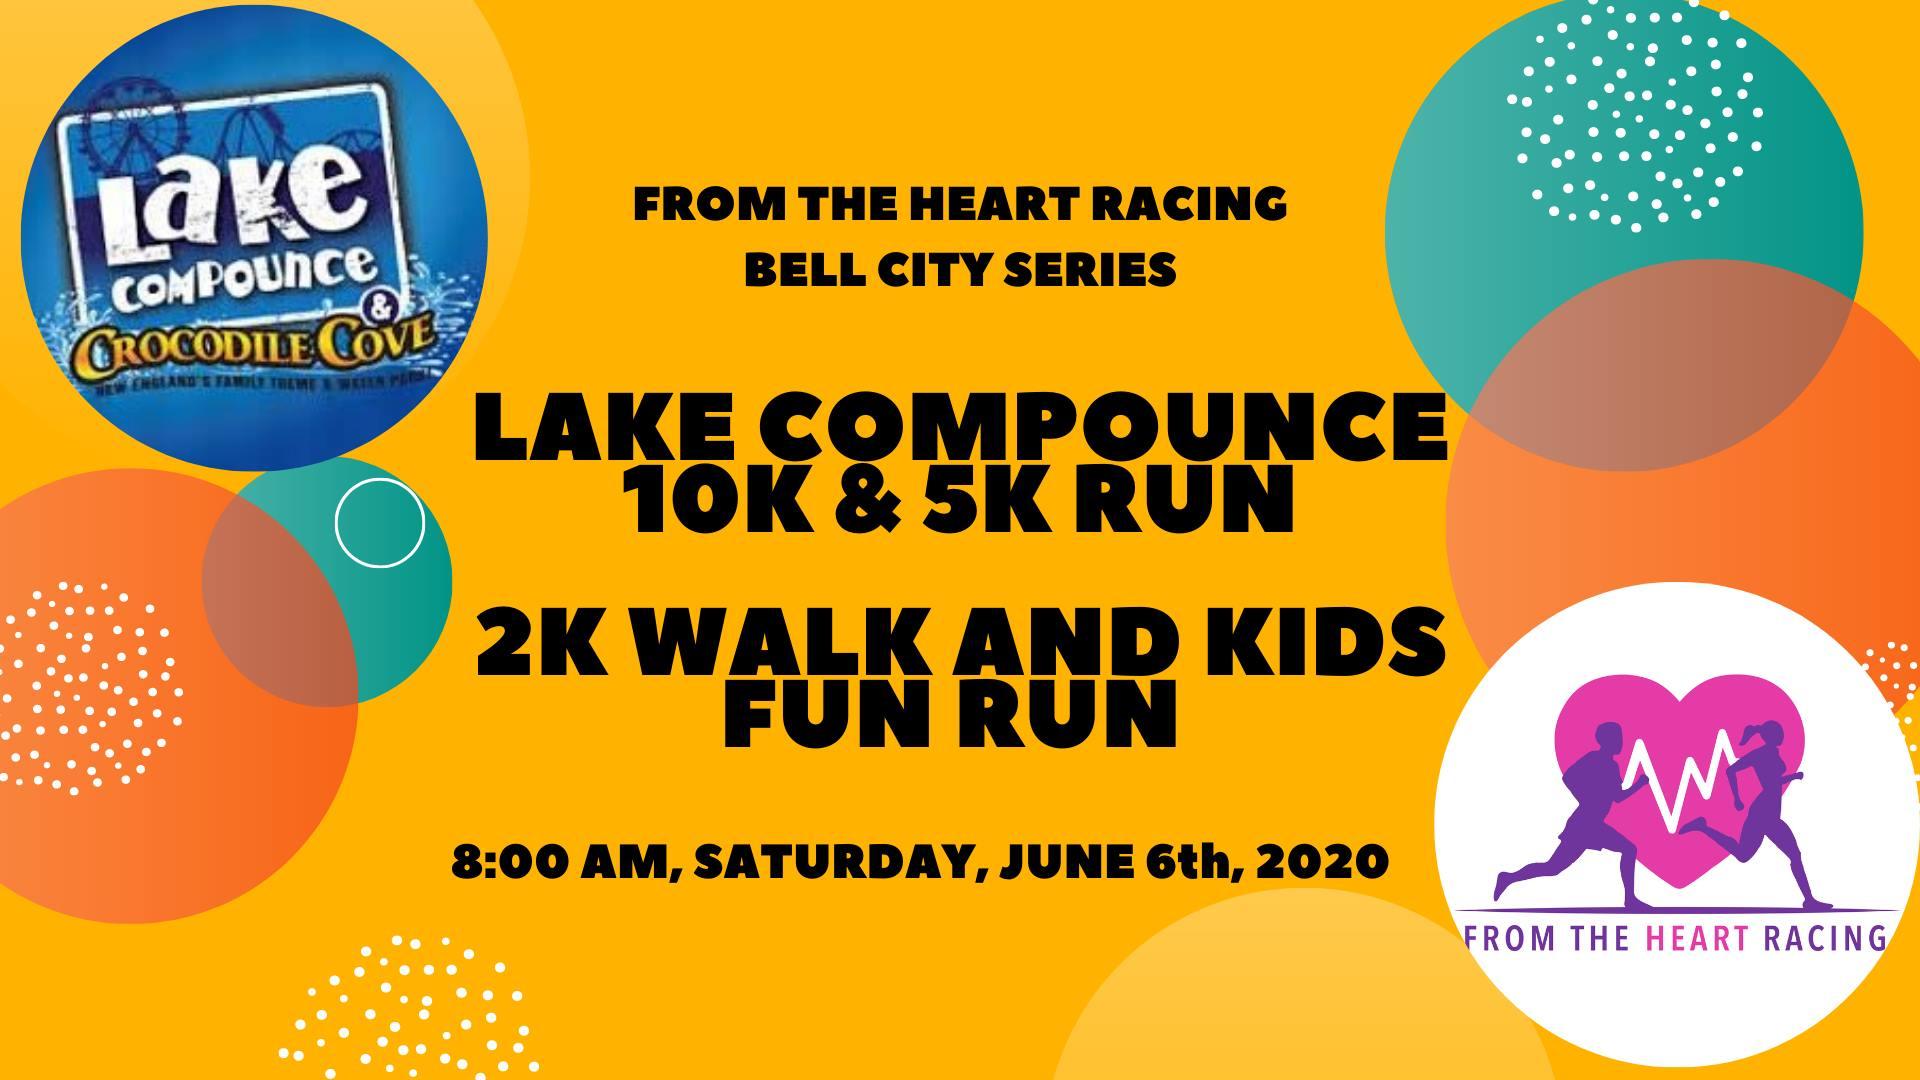 Lake Compounce 10k & 5k Run, 2k Walk and Kids Fun Run